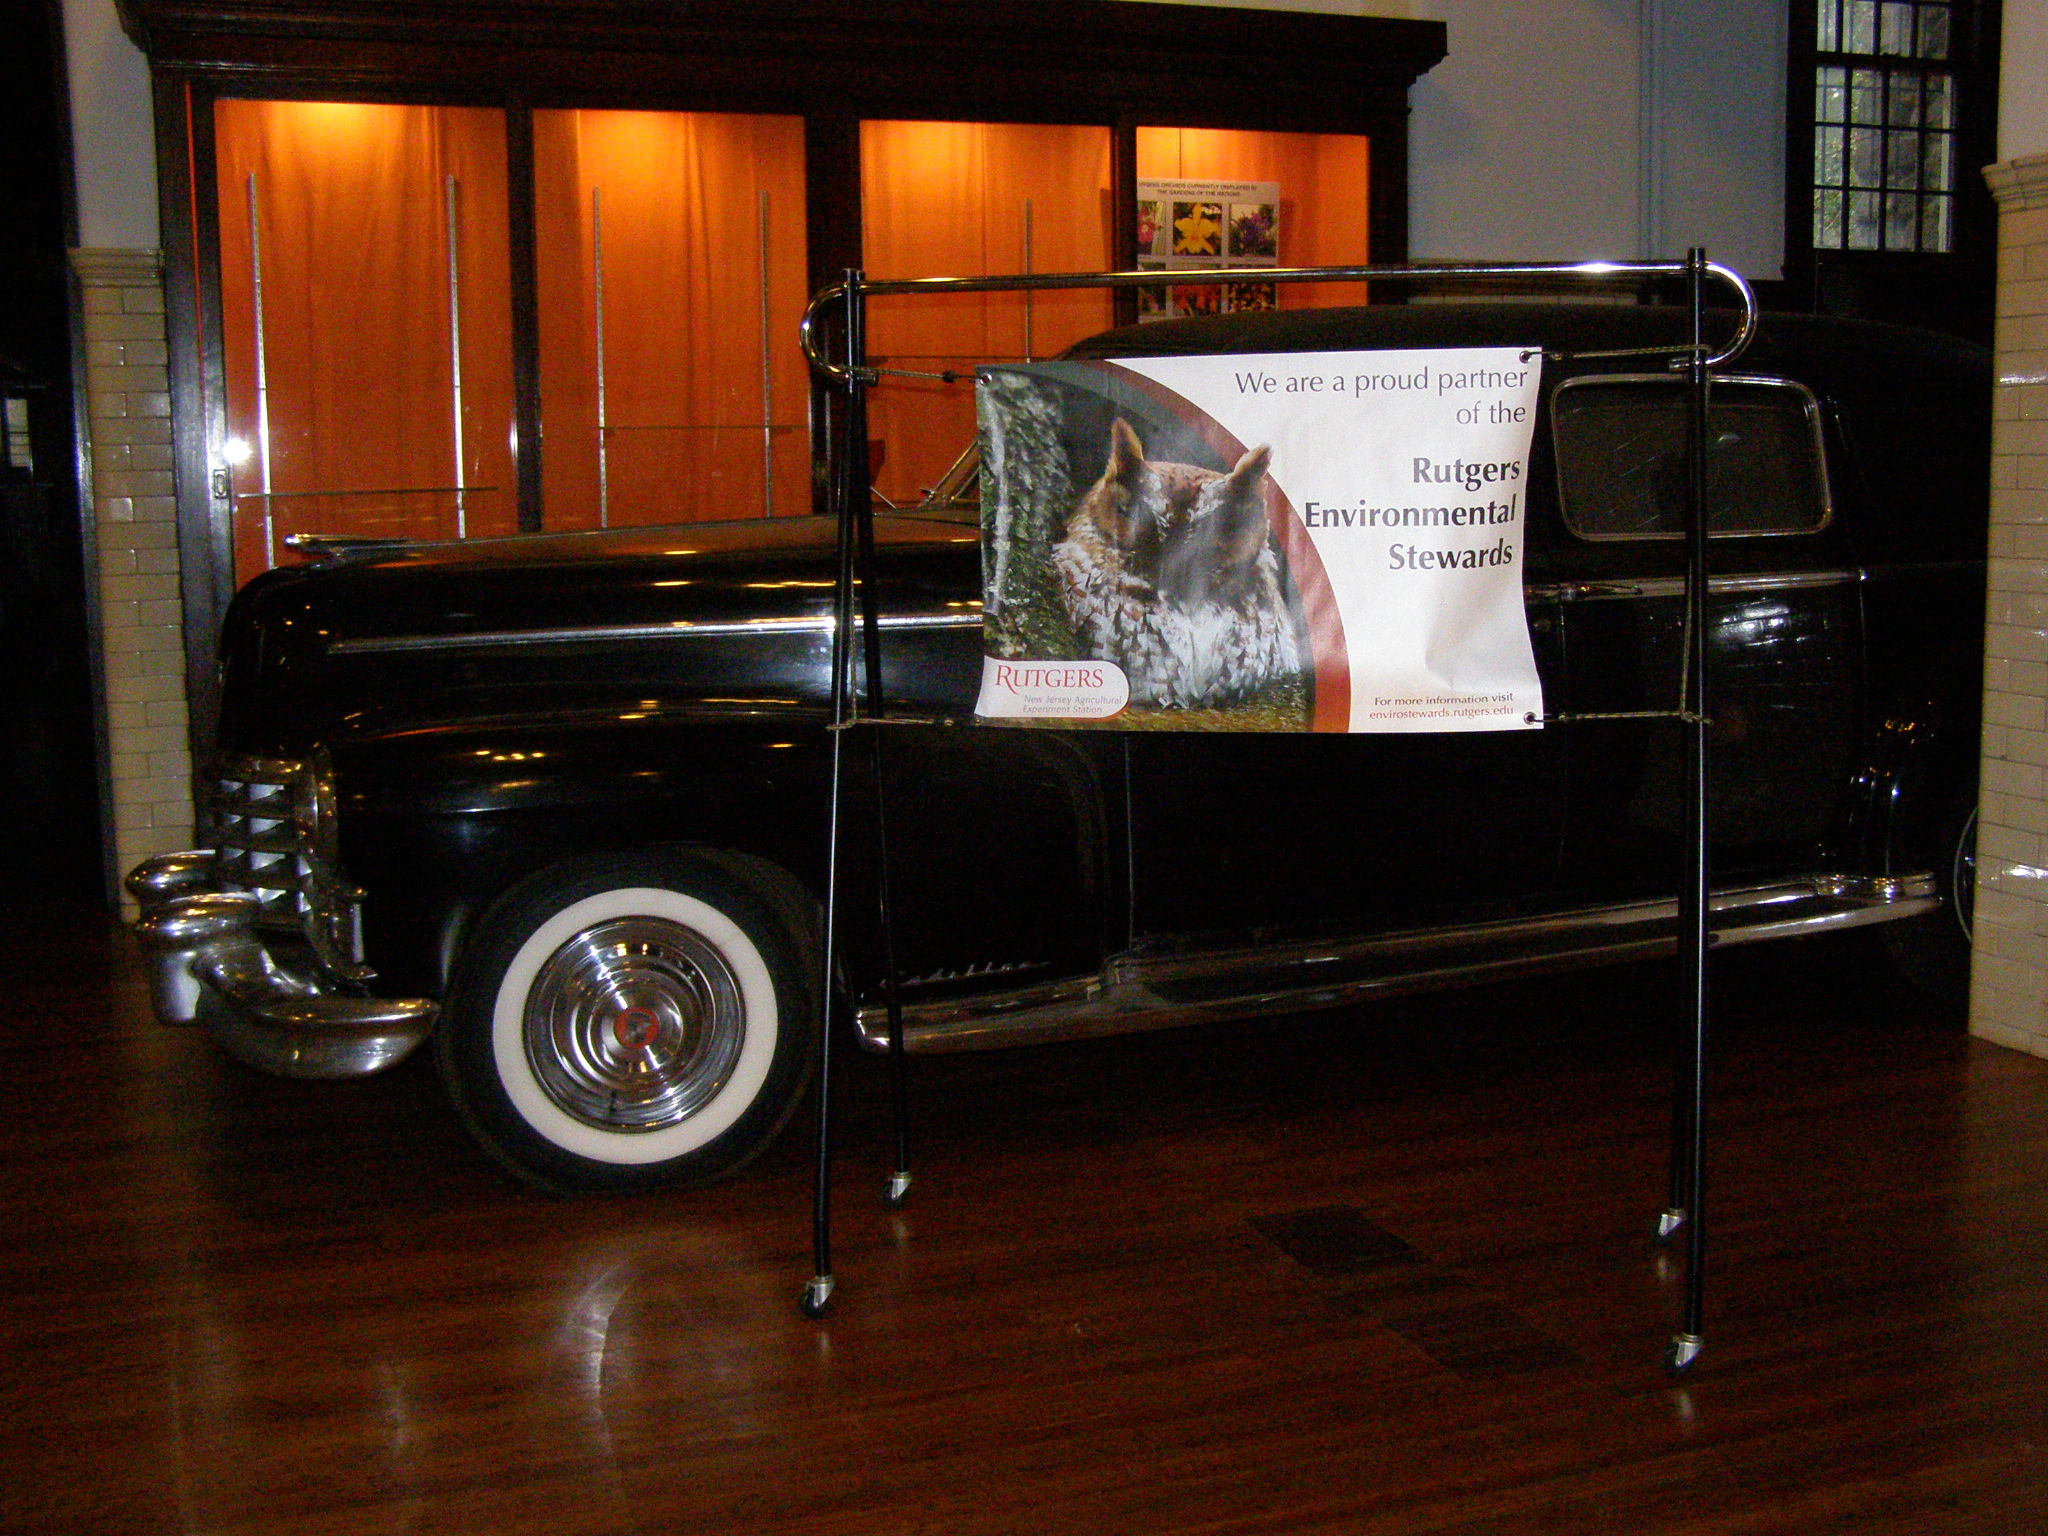 Duke Farms Environmental Steward sign with antique car